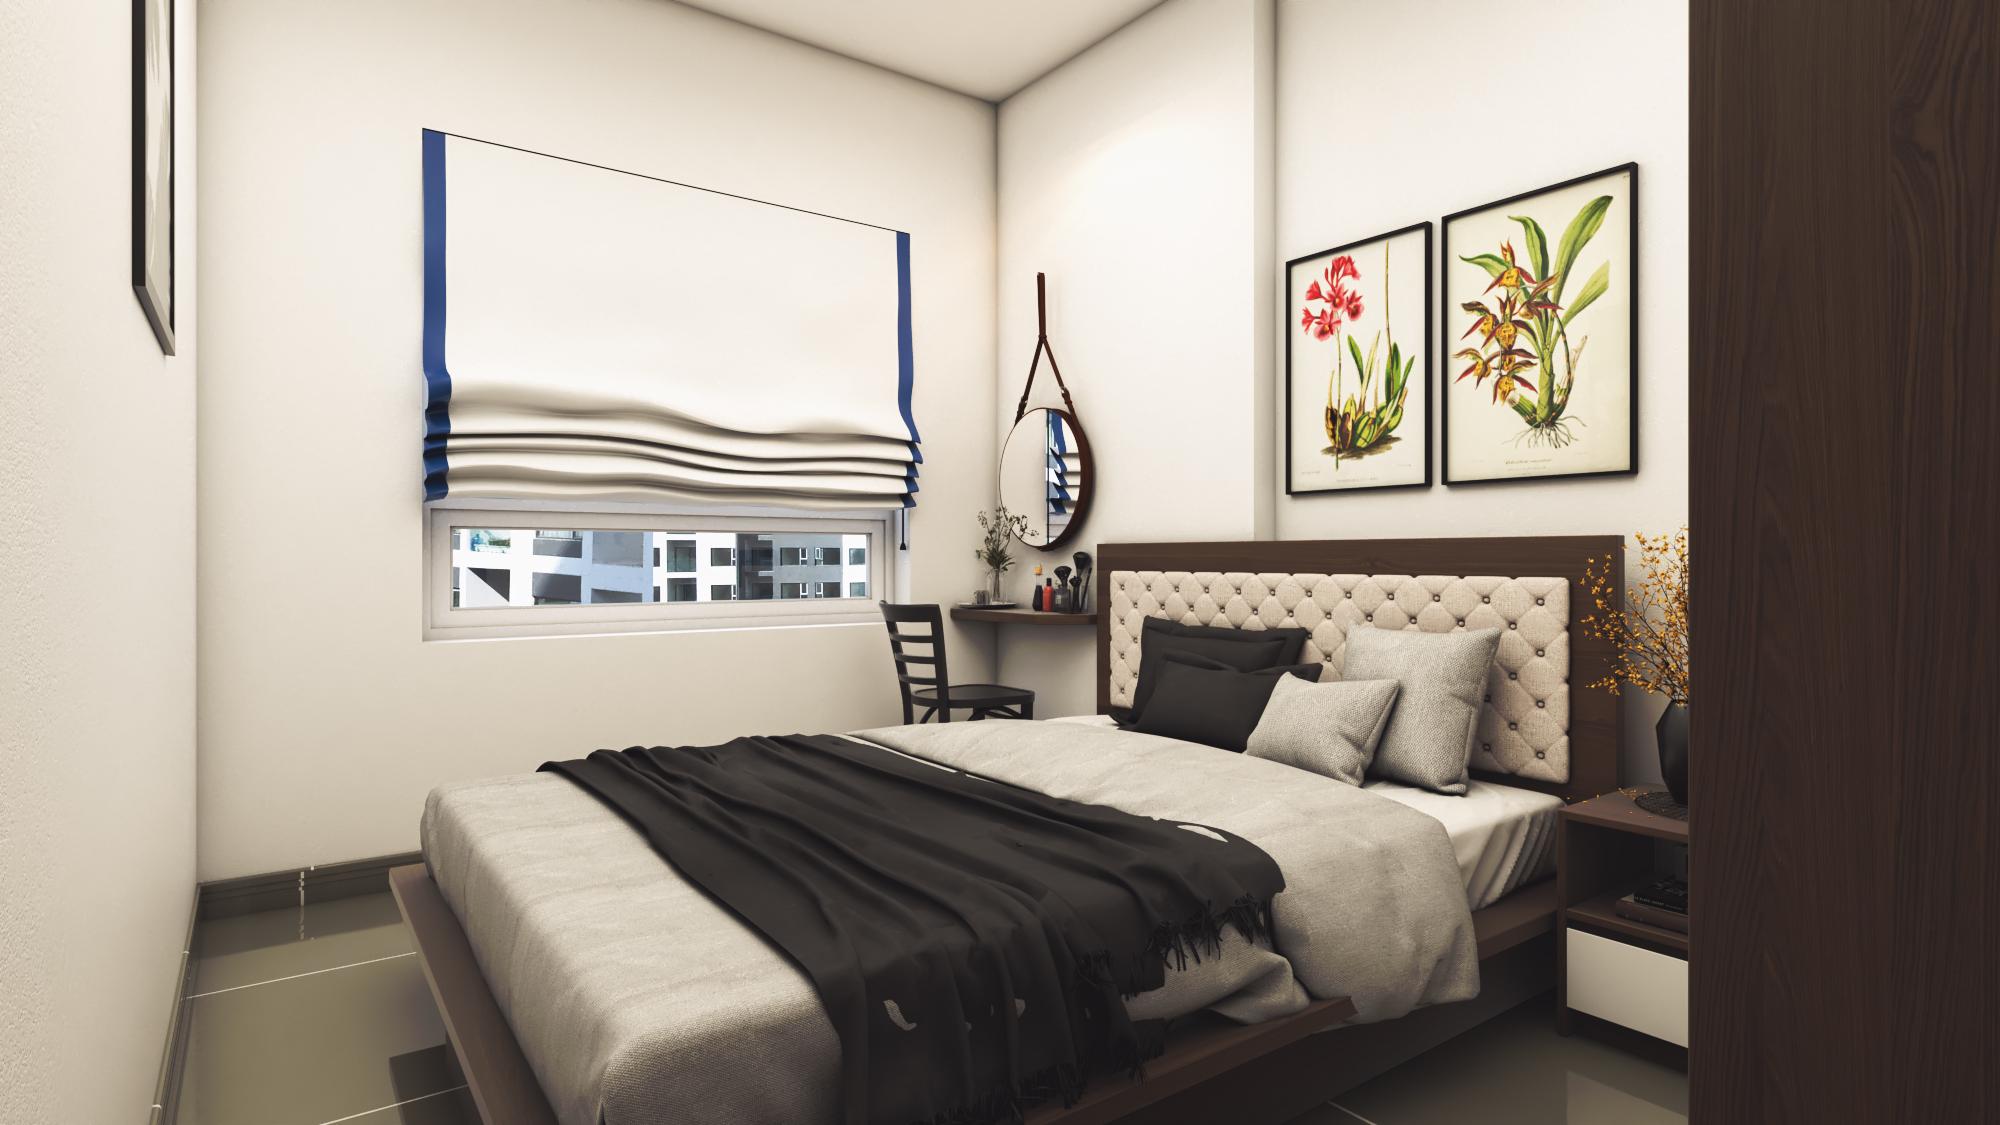 Thiết kế nội thất Chung Cư tại Hồ Chí Minh CĂN HỘ CHỊ TRÚC Q8 1576045380 15